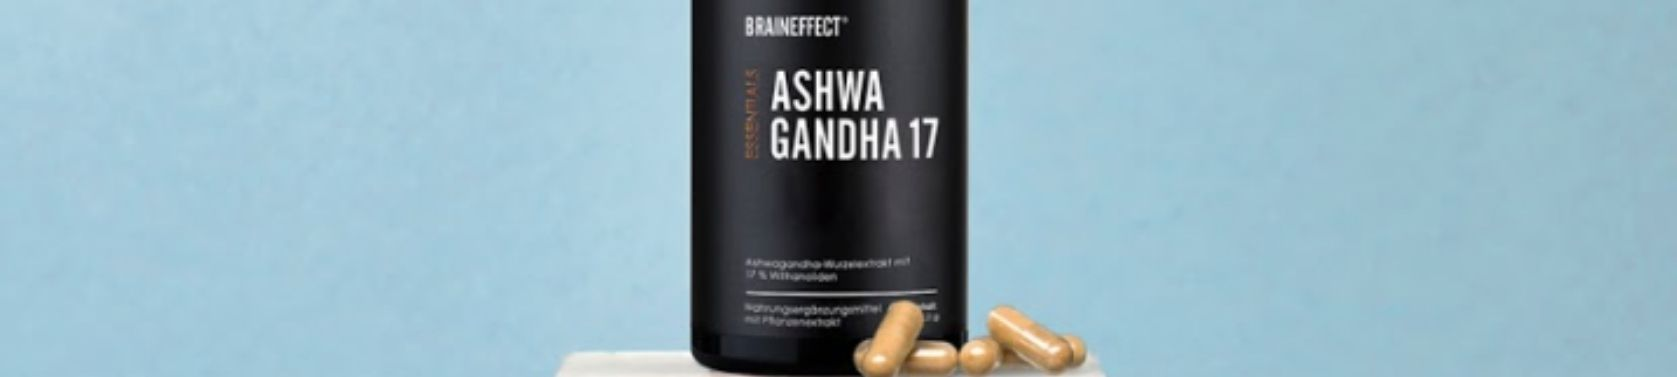 Ashwagandha - Die wichtigsten Facts zur Wirkung der Superpflanze